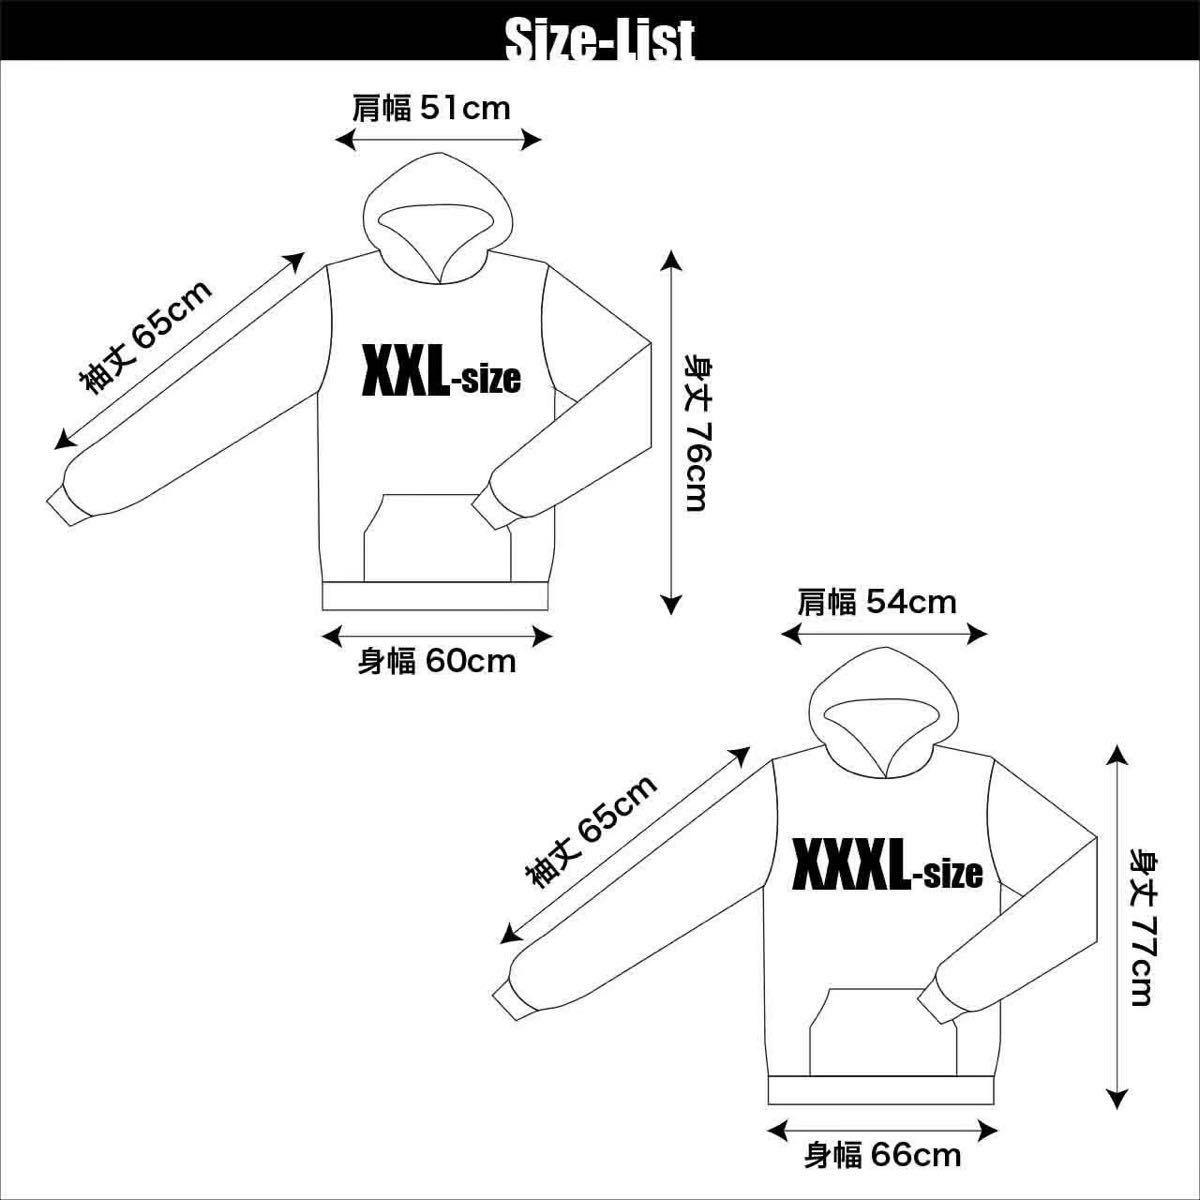 新品 トップガン トムクルーズ アメリカ 空軍 戦闘機 星条旗 黒 パーカー XS S M L XL ビッグ オーバー サイズ XXL XXXL ジップアップ 可_画像10